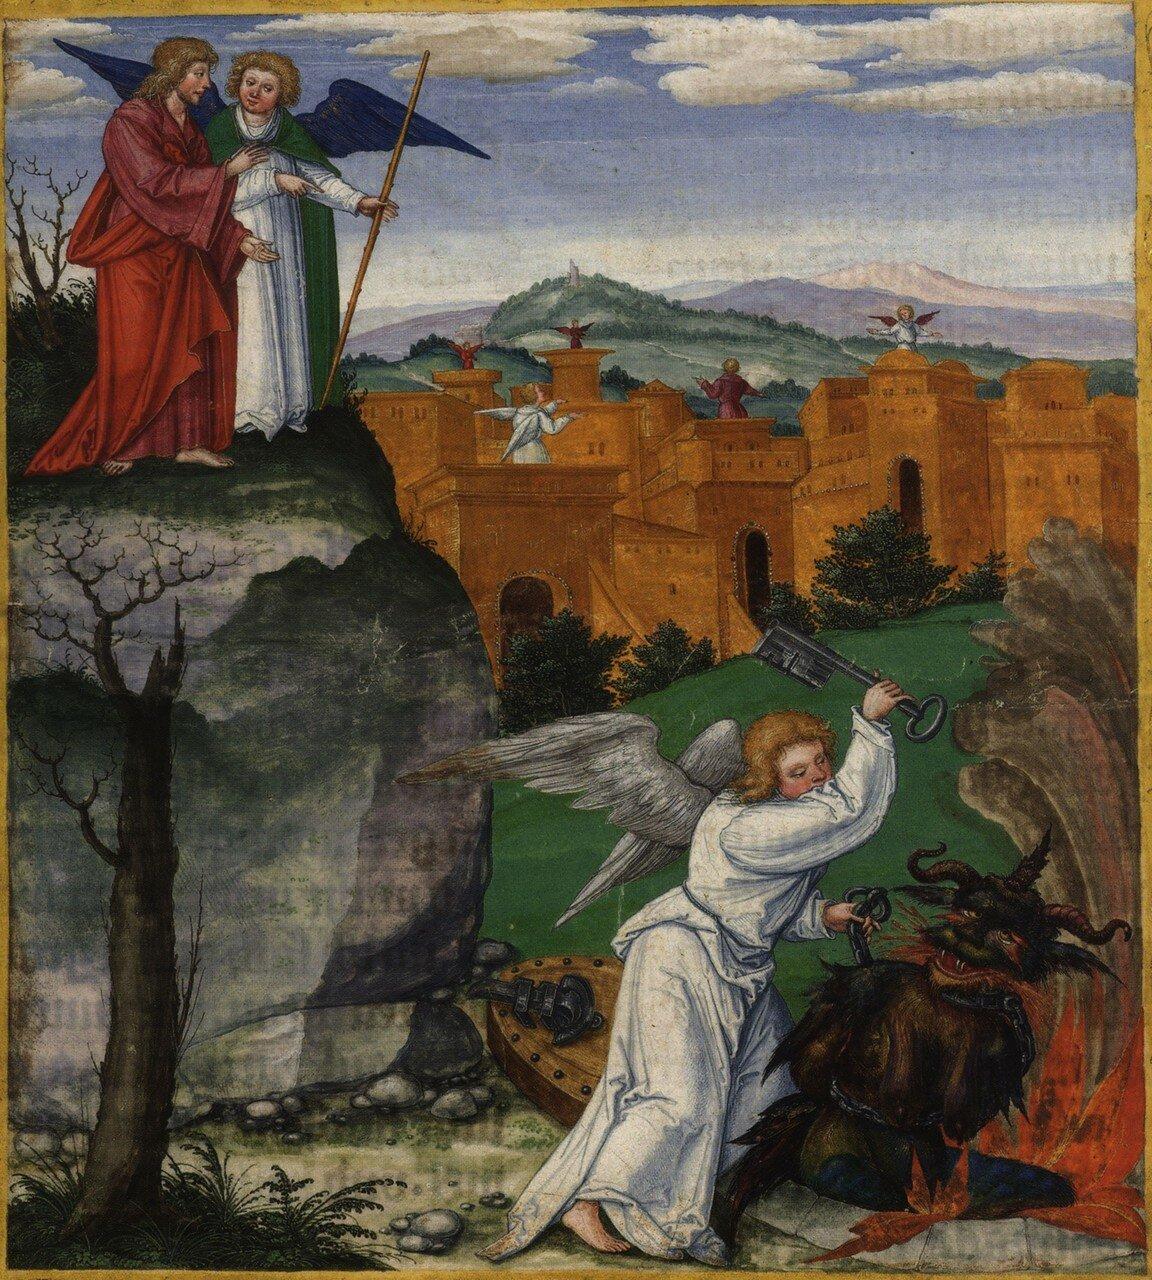 Ottheinrich_Folio303v_Rev20-21.jpg